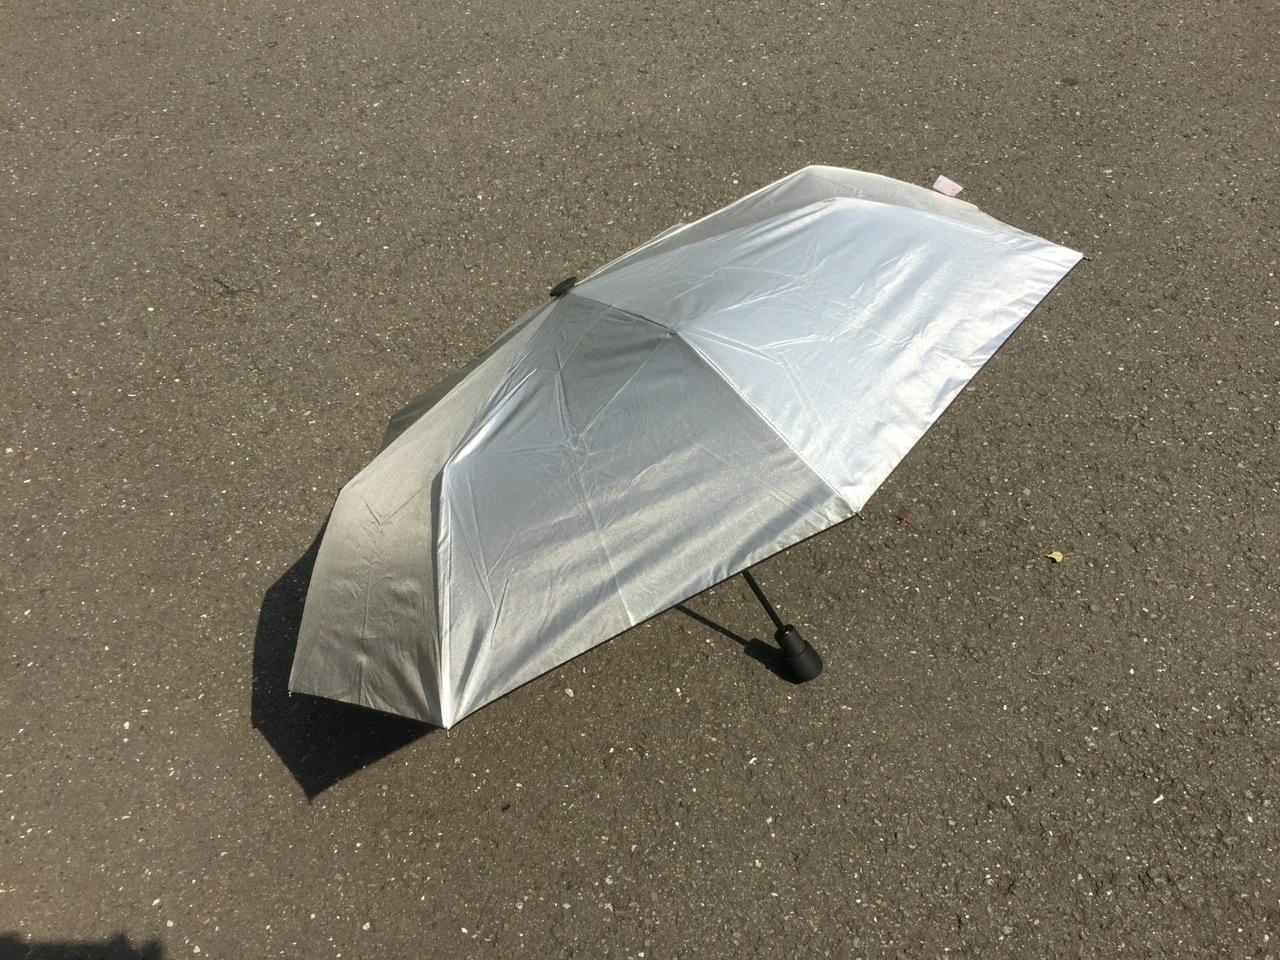 熱中症に備えて折り畳み日傘を